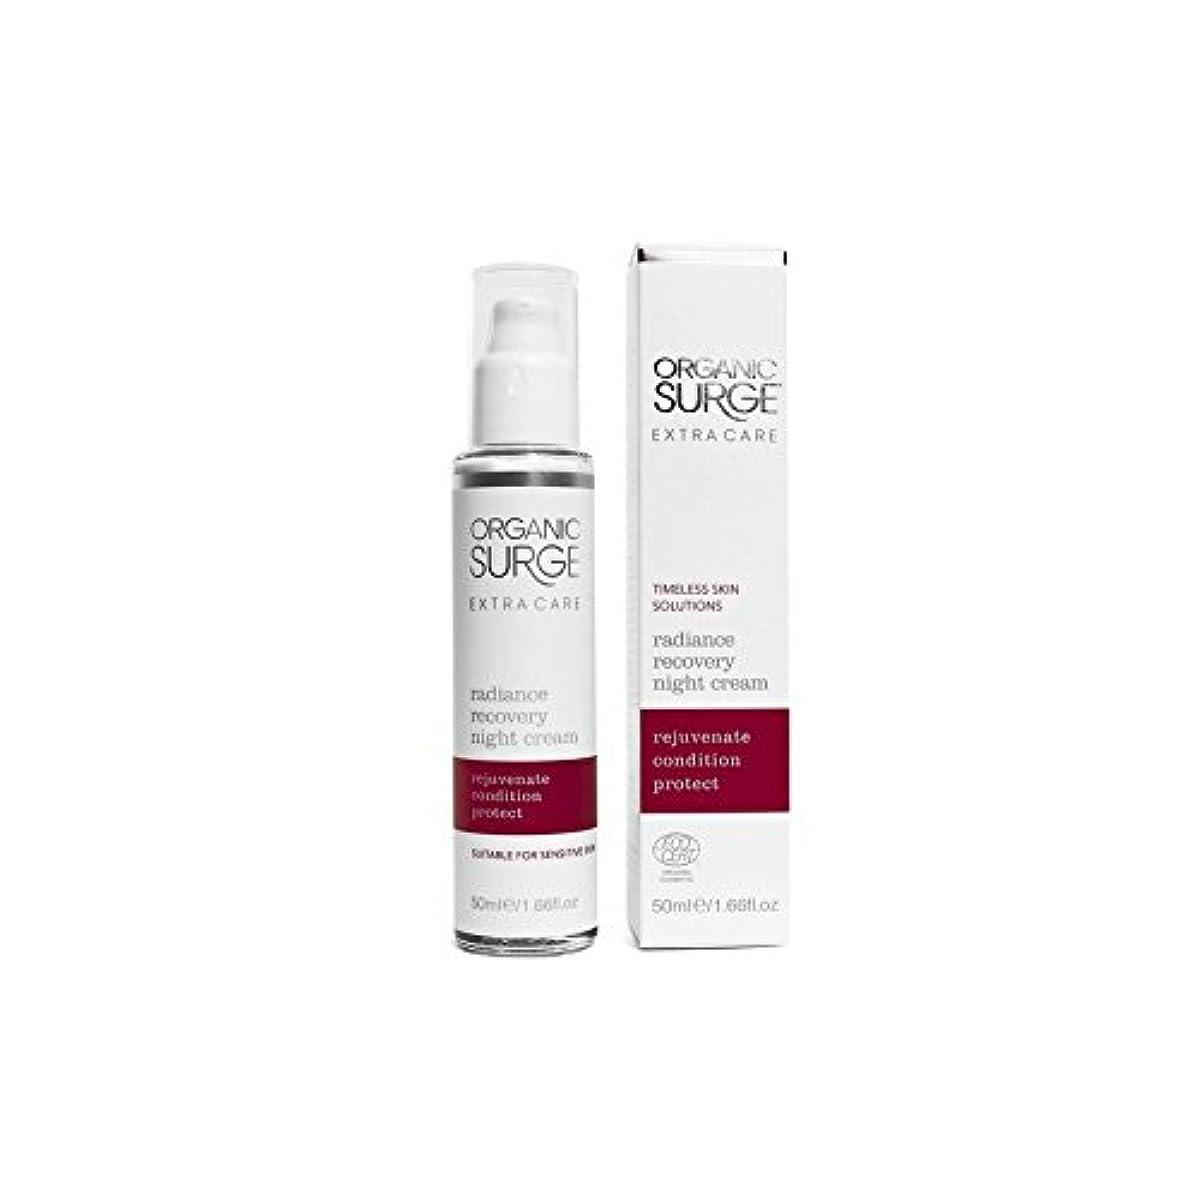 委員会ベルタービン有機サージエクストラケア輝き回復ナイトクリーム(50ミリリットル) x4 - Organic Surge Extra Care Radiance Recovery Night Cream (50ml) (Pack of 4) [並行輸入品]